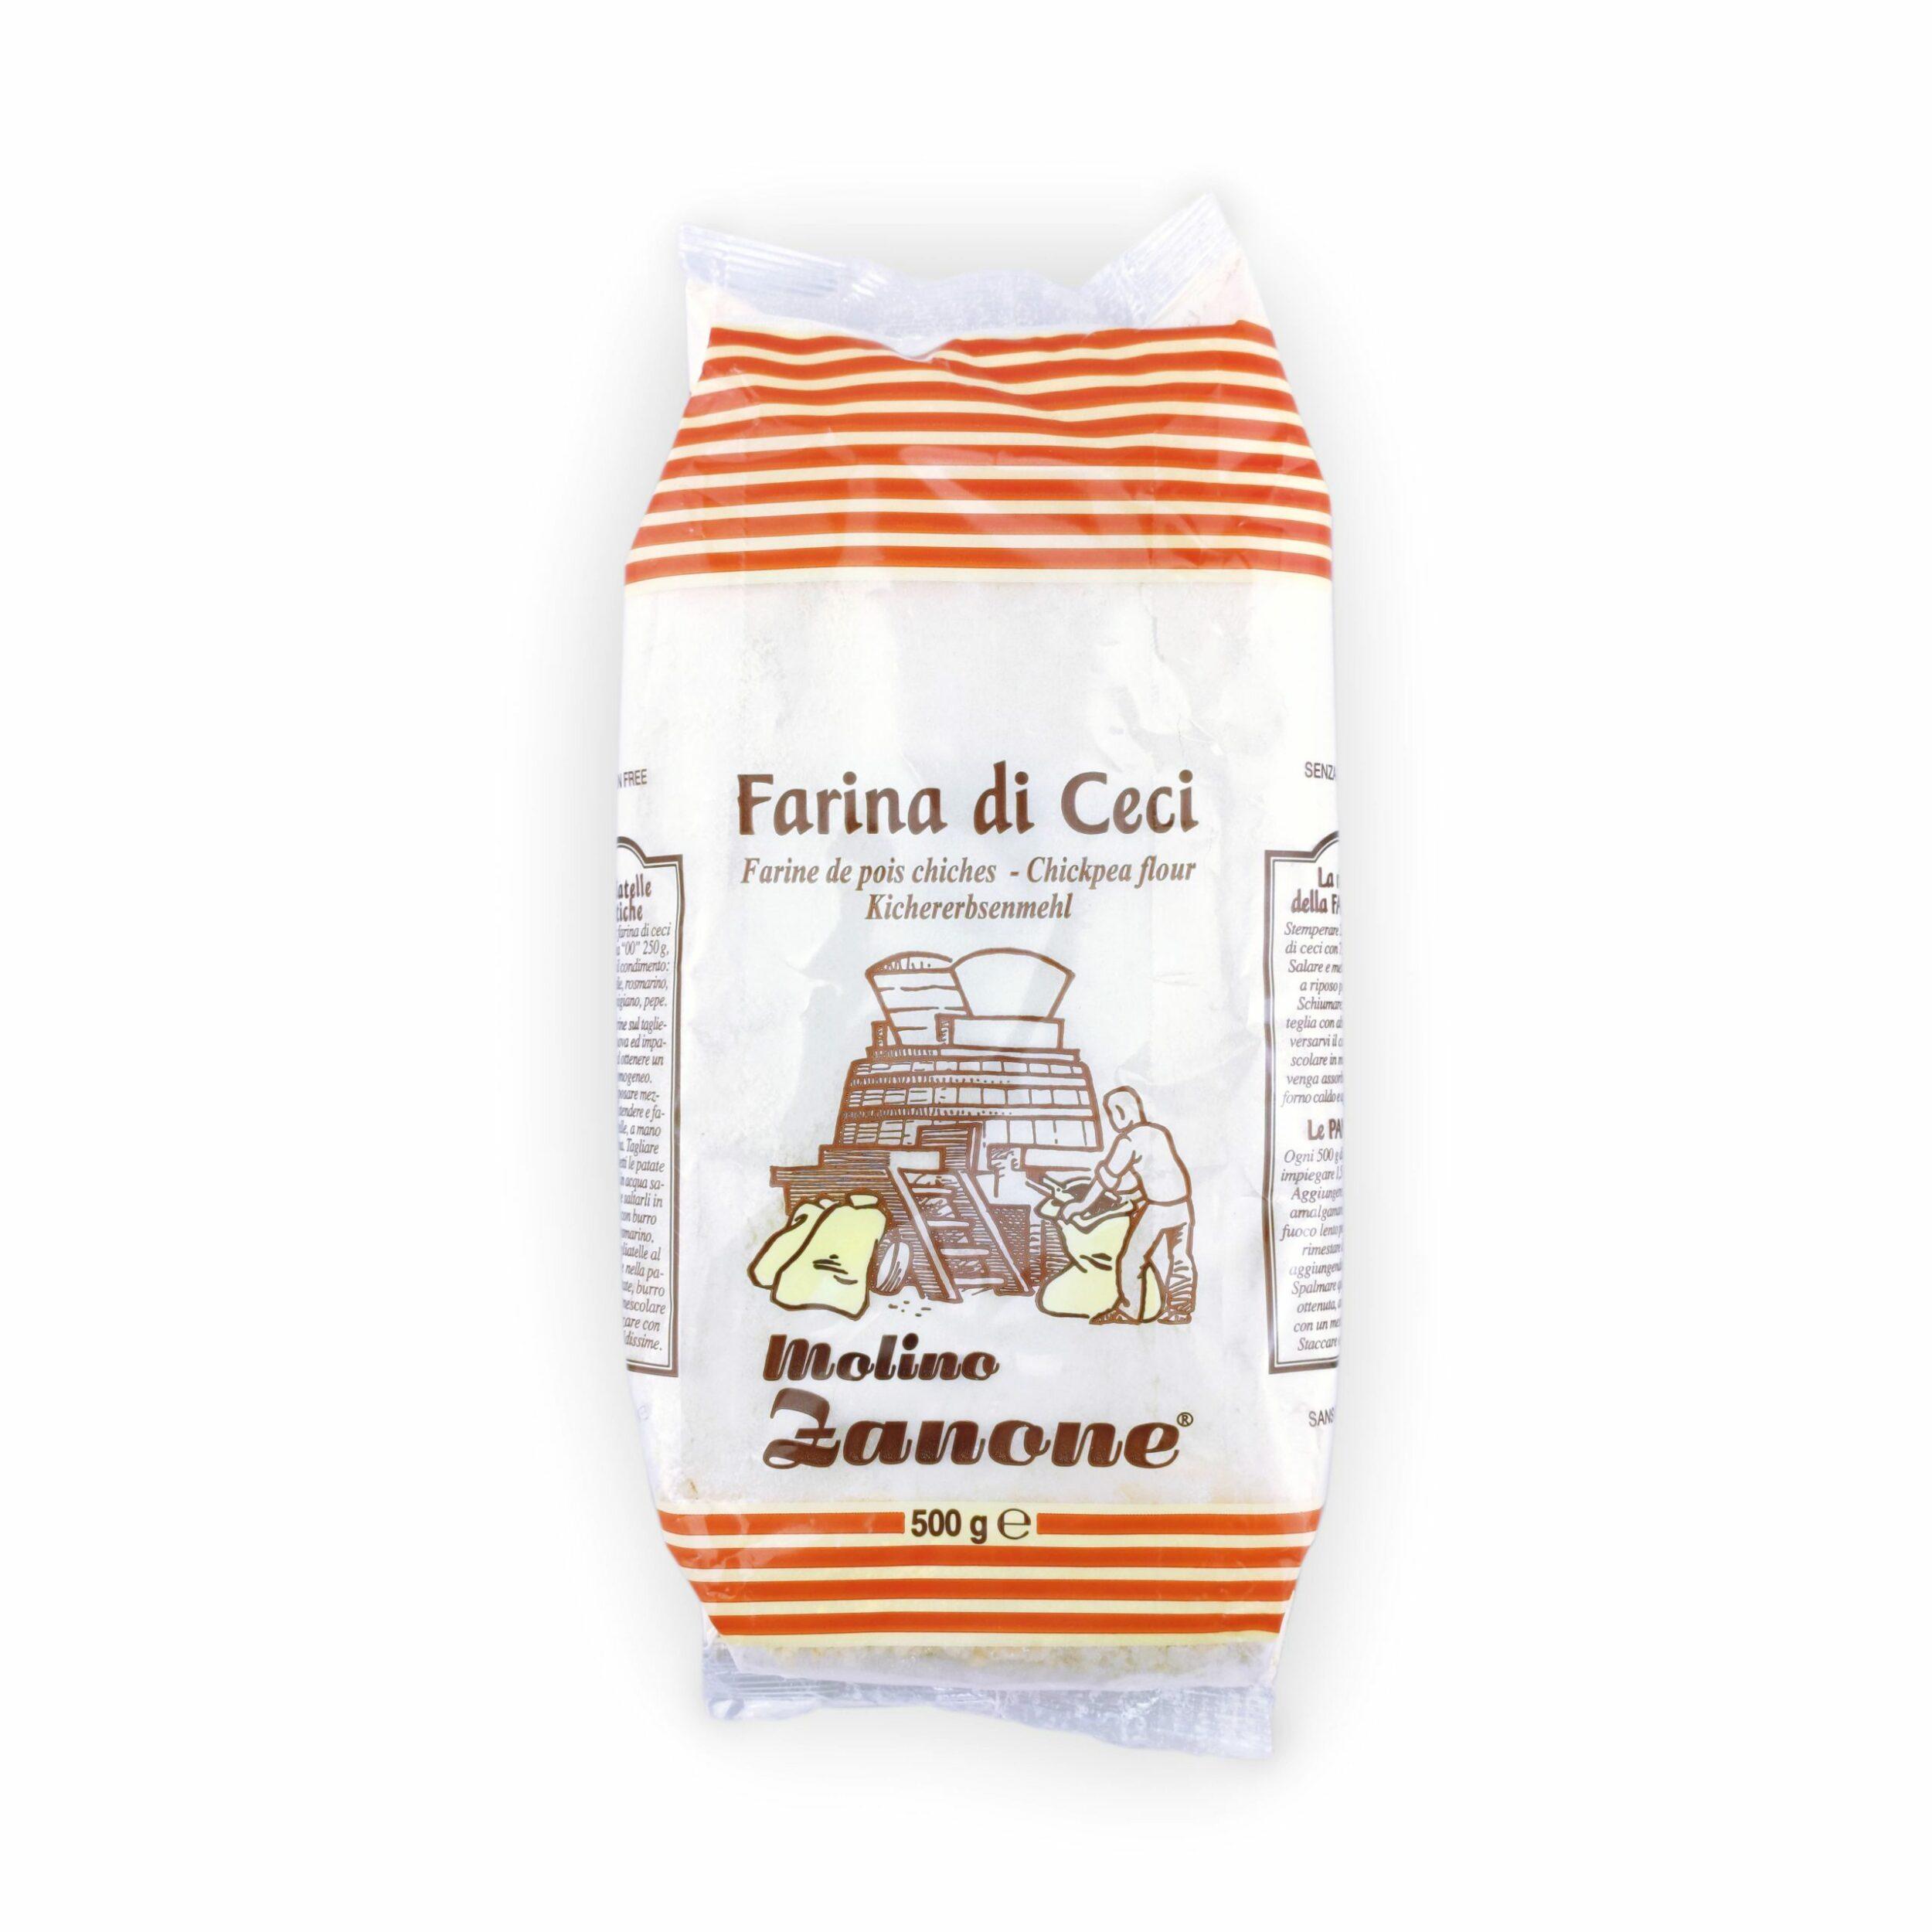 farine-de-pois-chiche-molino-zanone-sachet-500g-site-web-moushenco